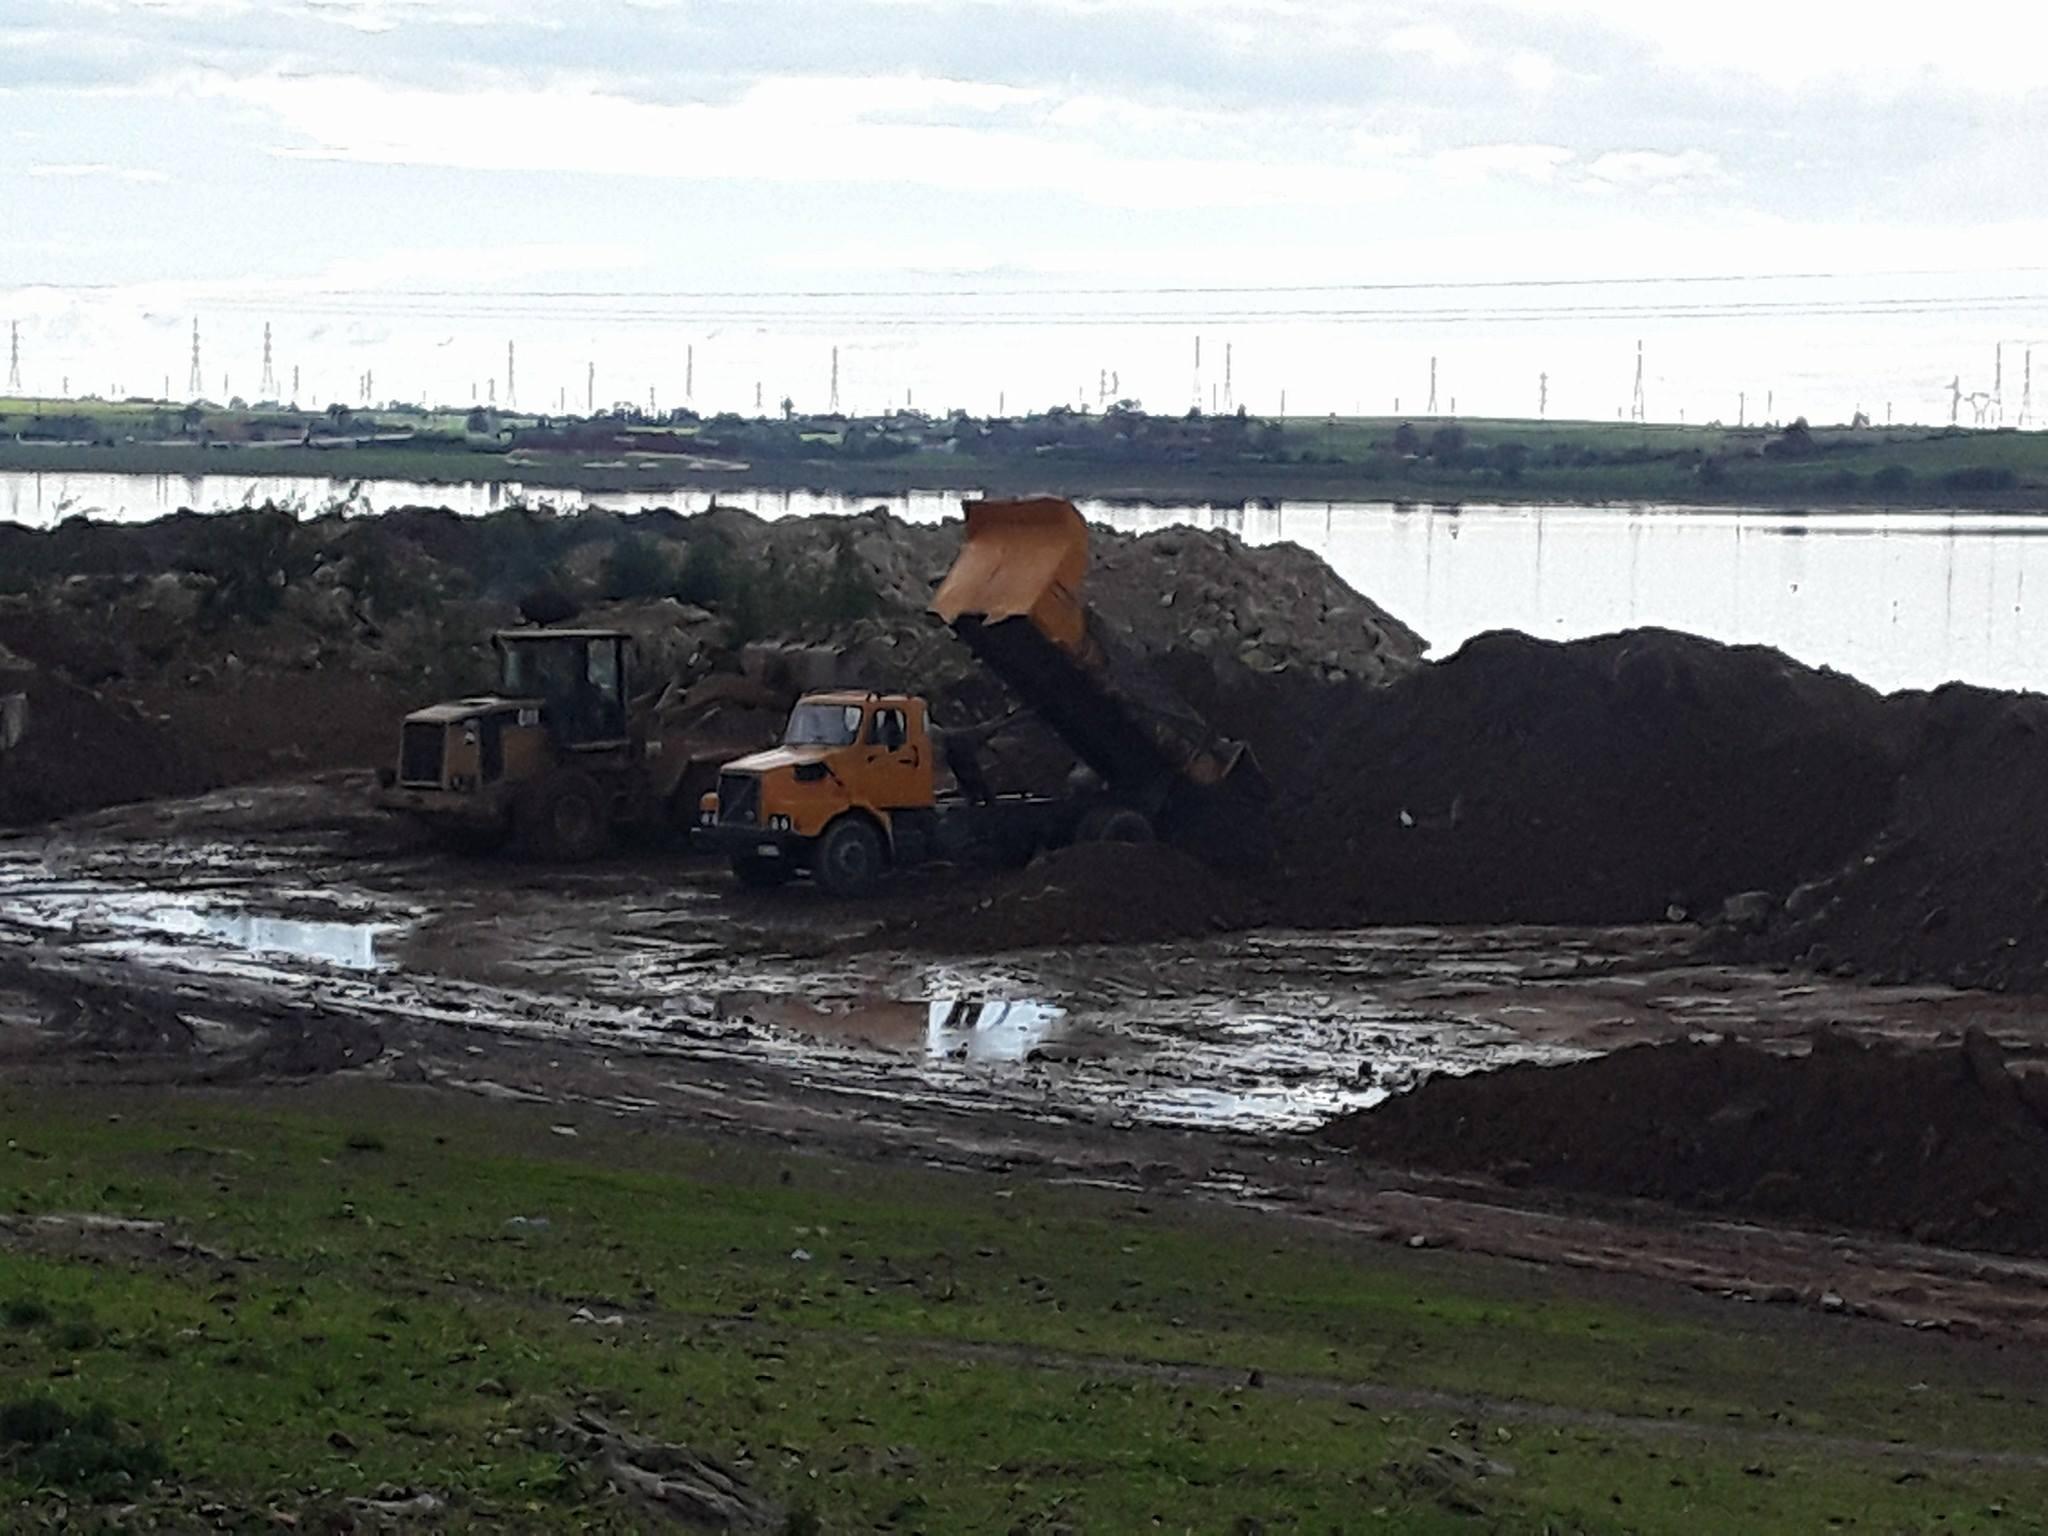 كارثة بيئية ..  ردم ''ضاية الفحص'' يهدد الجديدة بفيضانات ''واد فليفل''